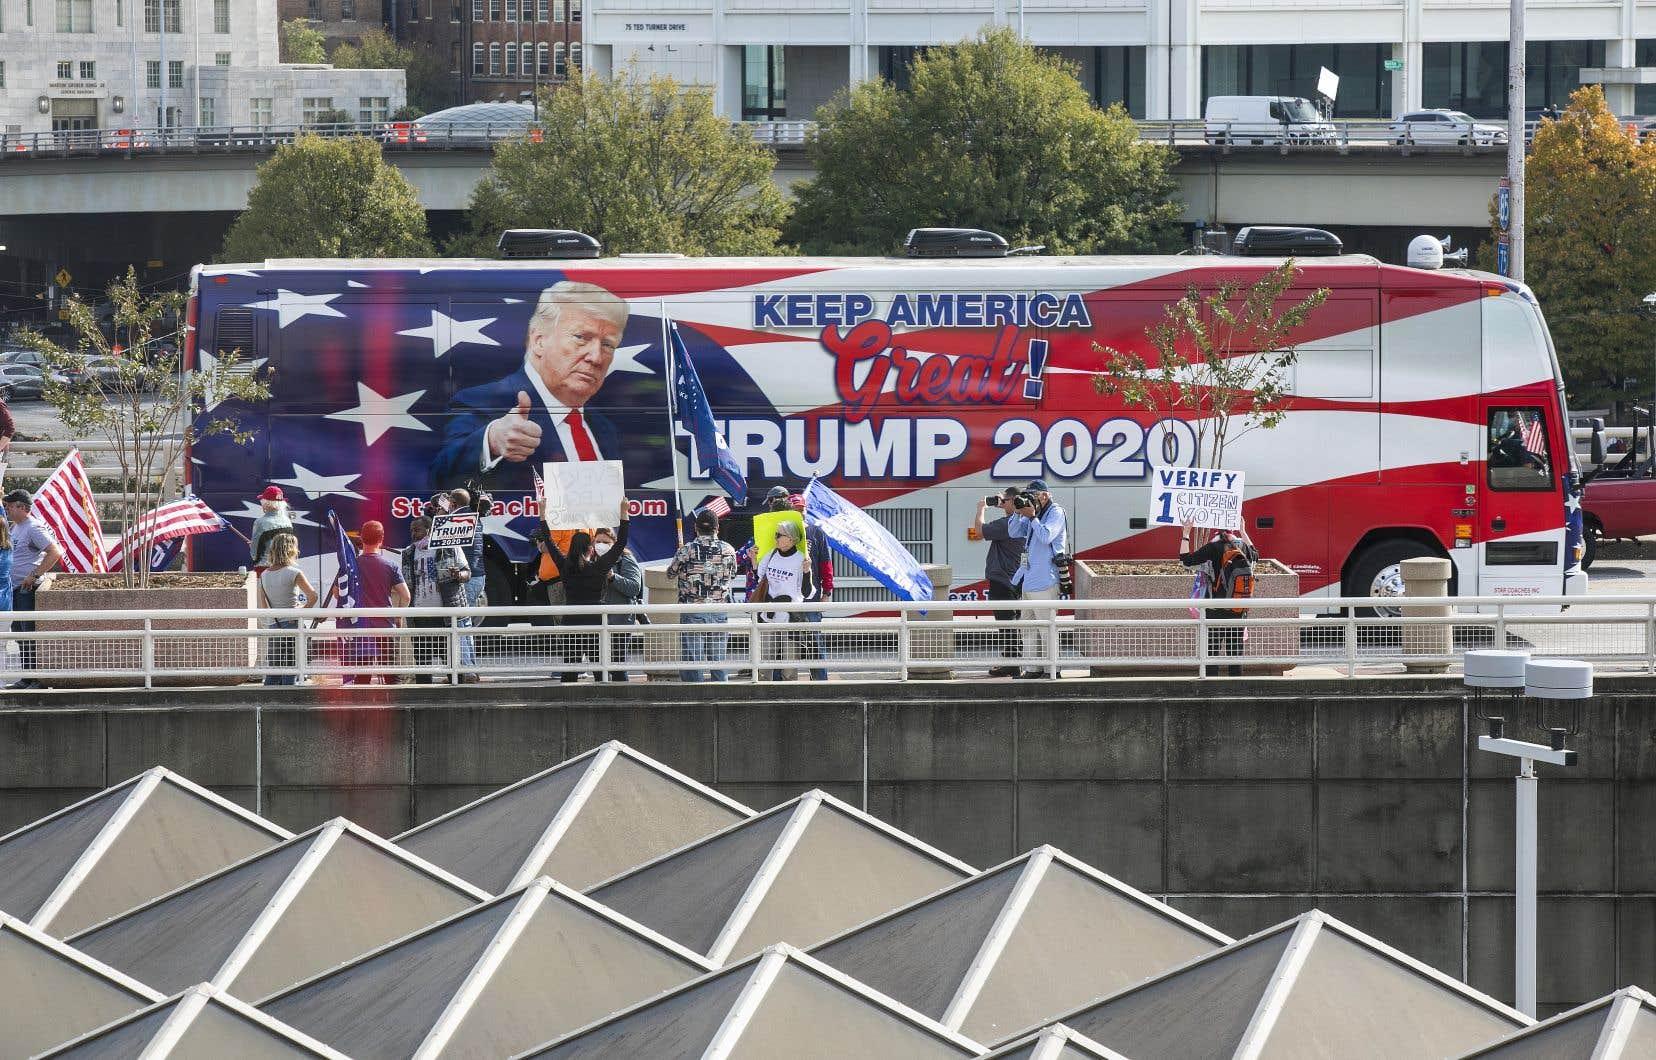 Tous les regards demeurent tournés vers le State Farm Arena, à Atlanta, un des plus grands centres de traitement des bulletins de vote de Géorgie, comme en témoigne la présence de ces manifestants pro-Trump.